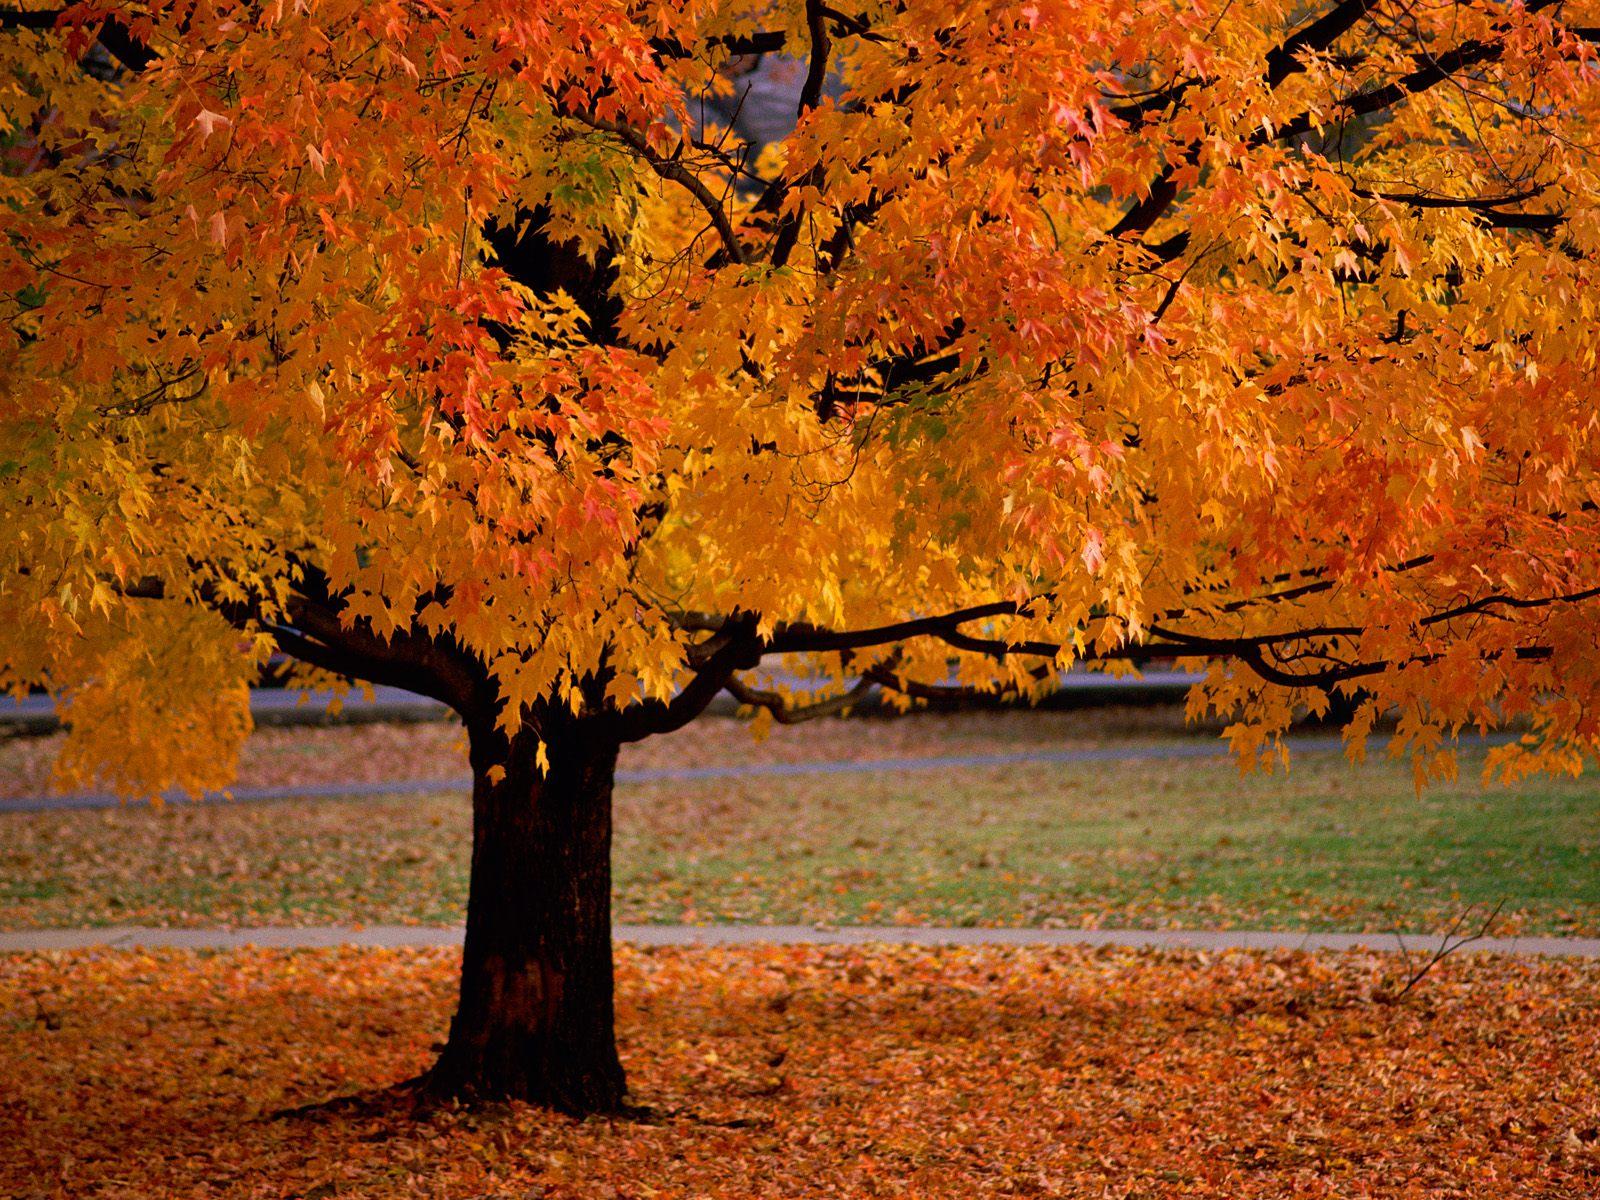 осень, дерево, желтые листья, листопад, скачать фото, обои для рабочего стола